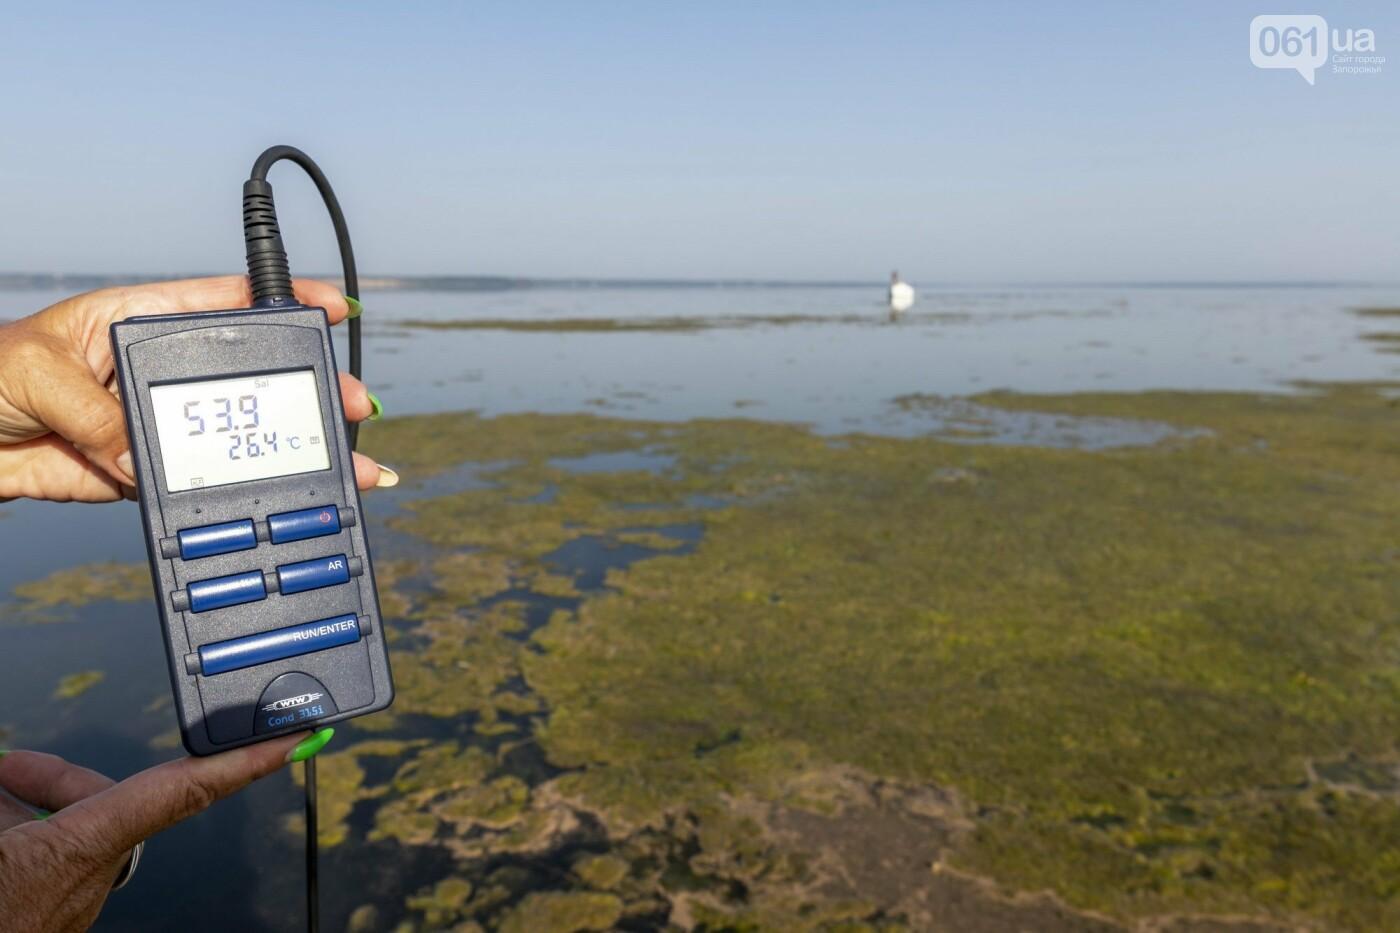 Специалисты исследовали водную фауну Молочного лимана - какие виды доминируют , фото-7